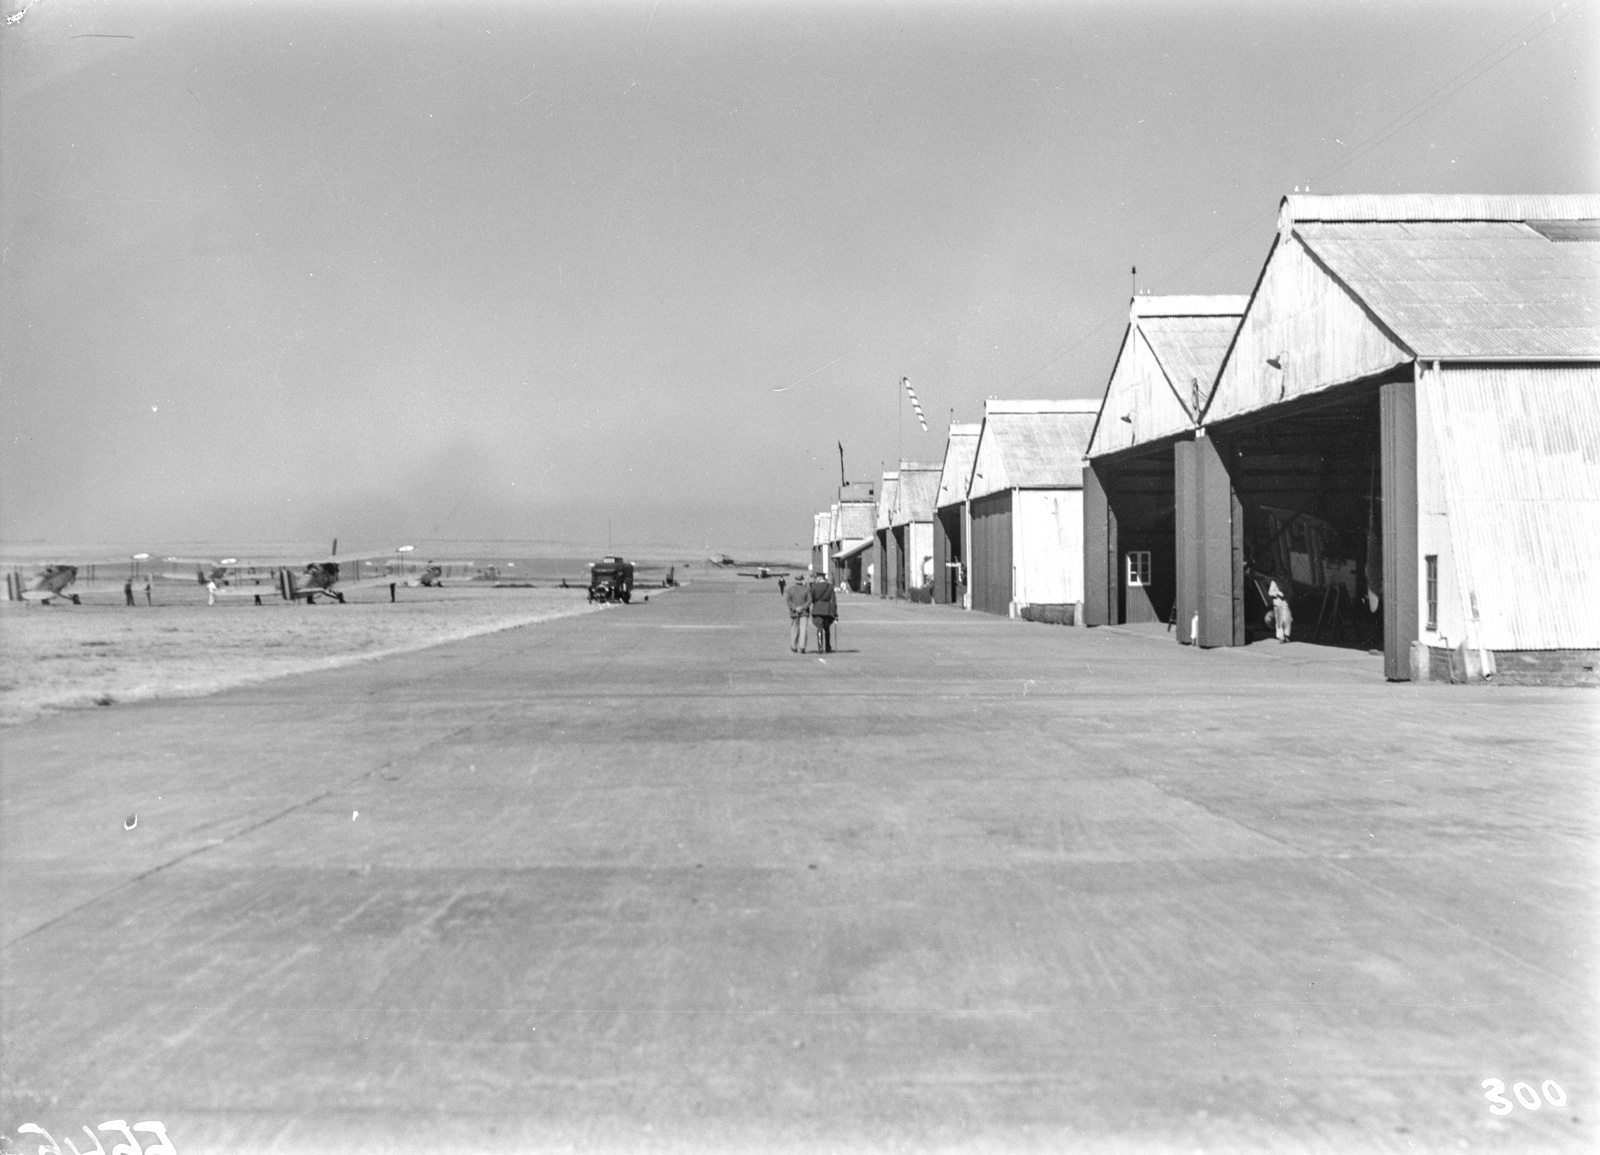 Южно-Африканский Союз. Претория.  Аэродром с ангарами